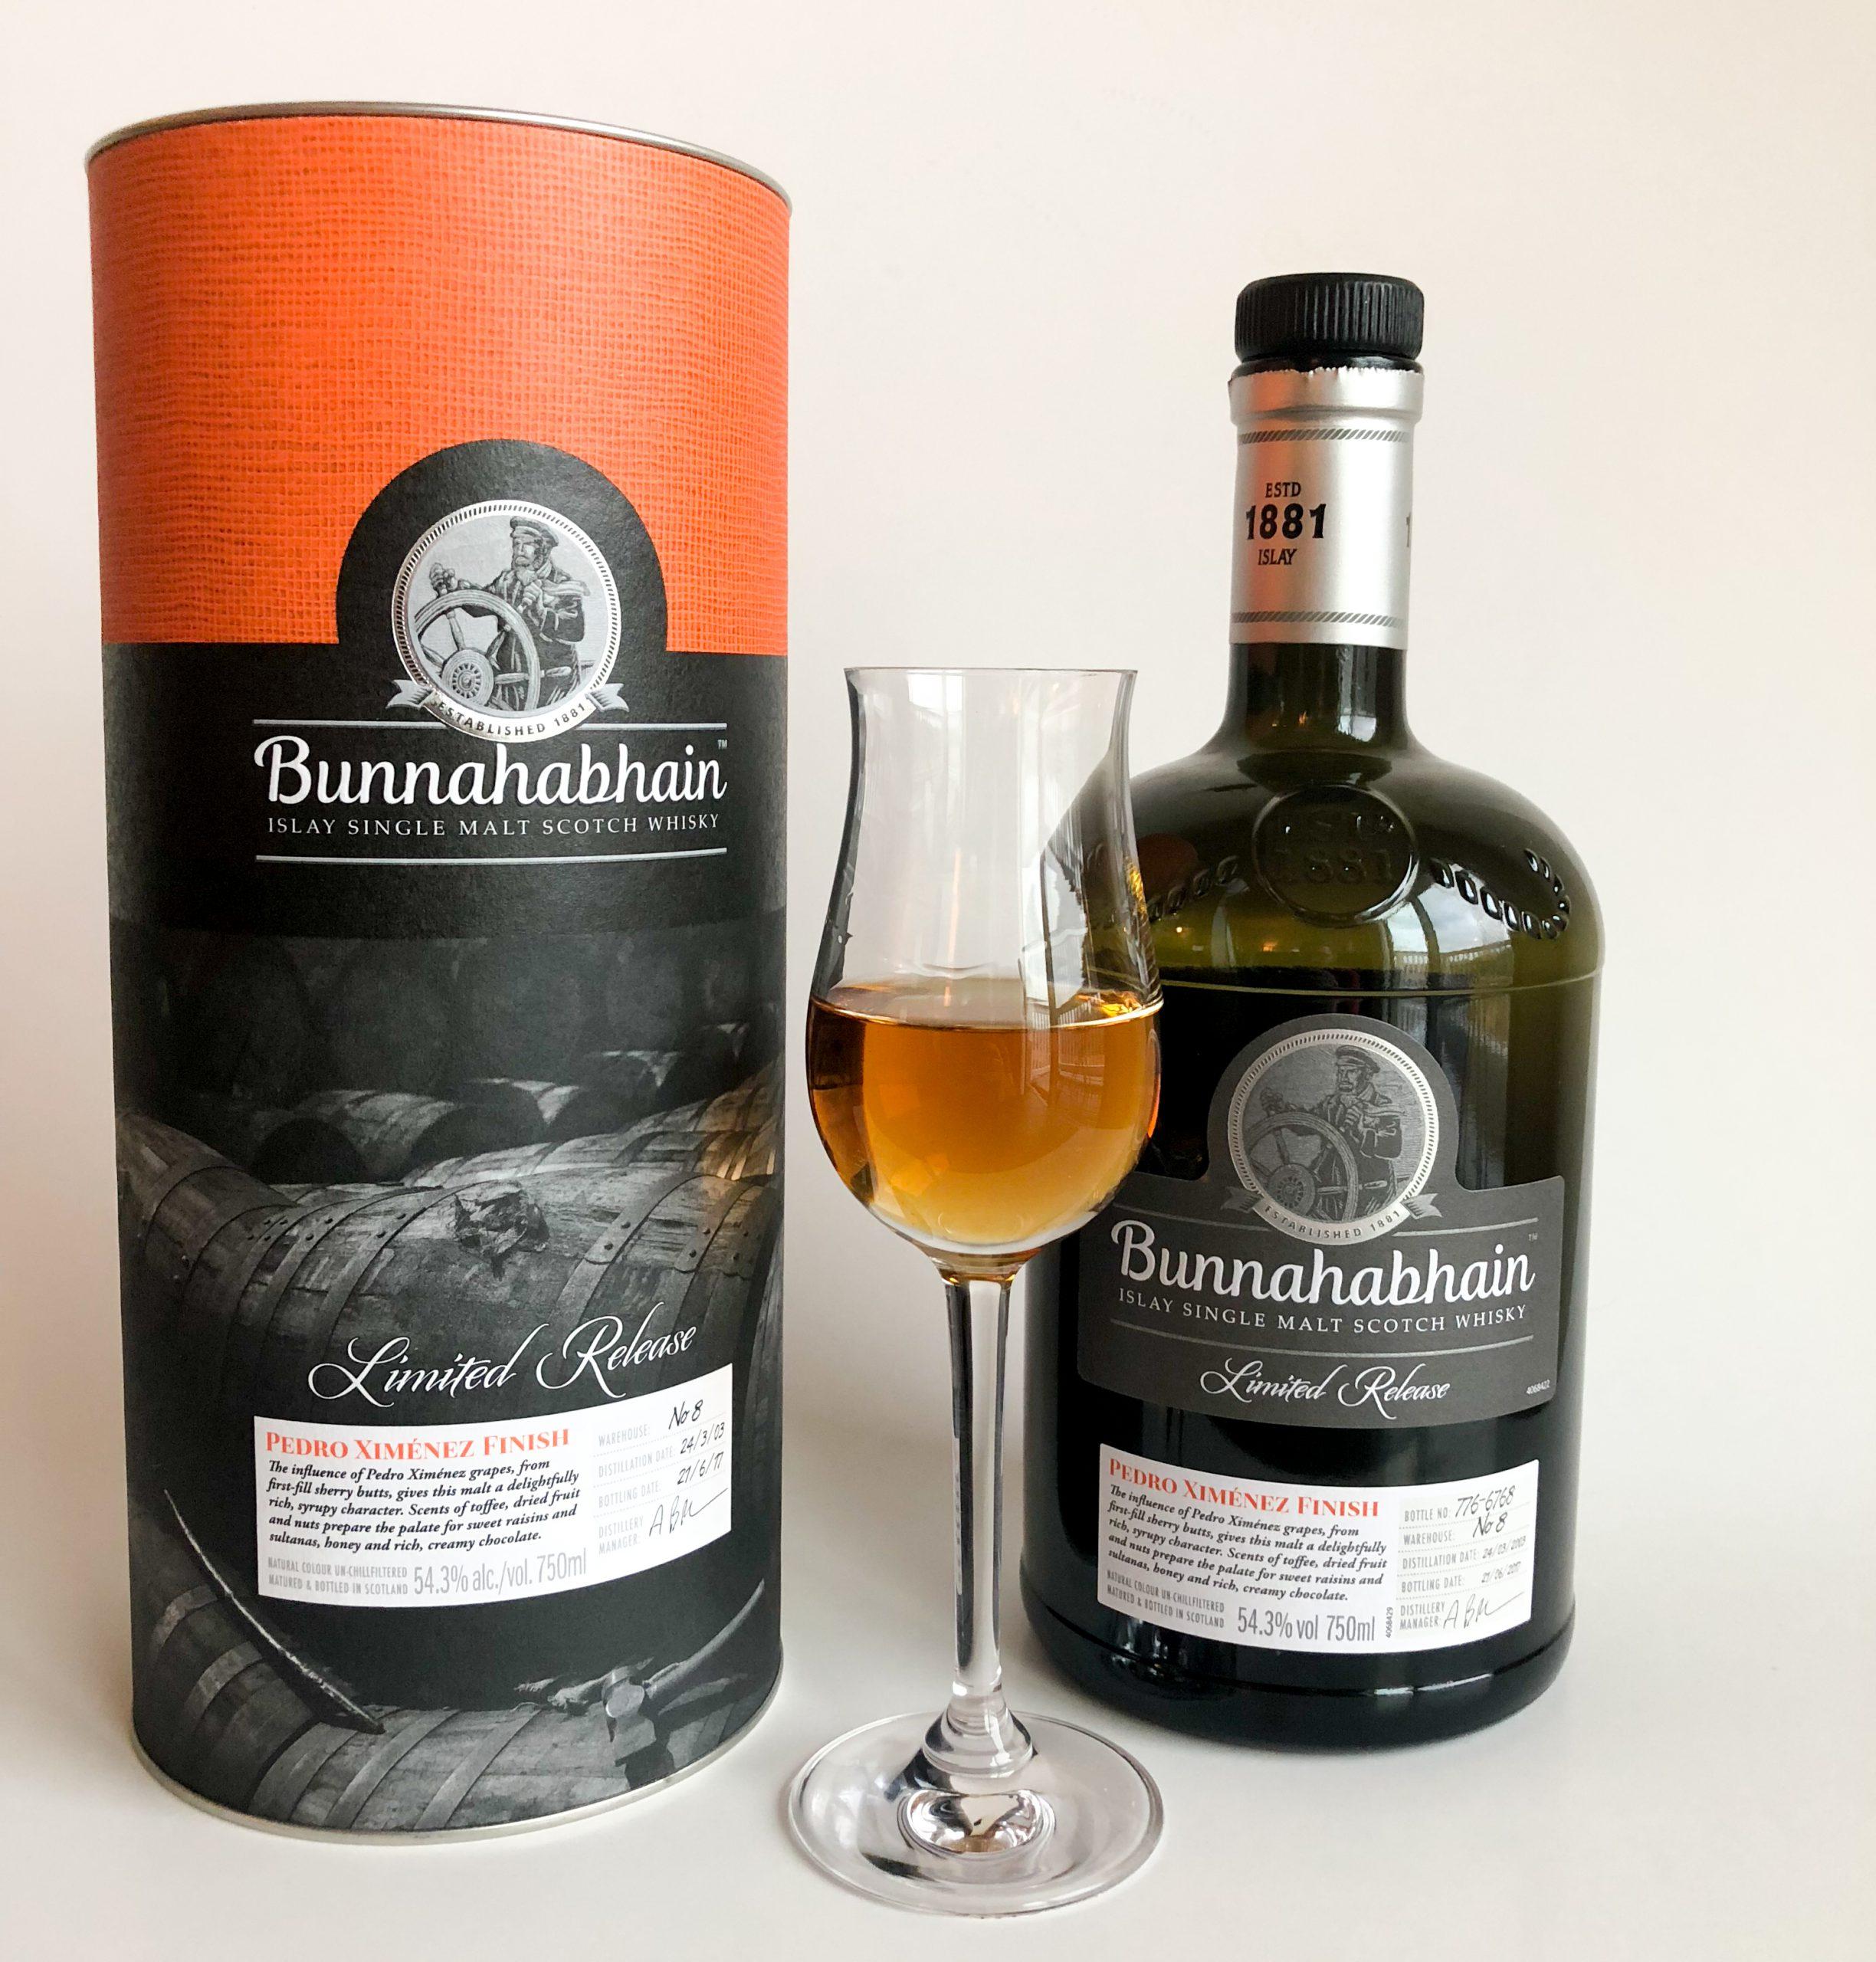 Bunnahabhain 14yr PX Limited Edition